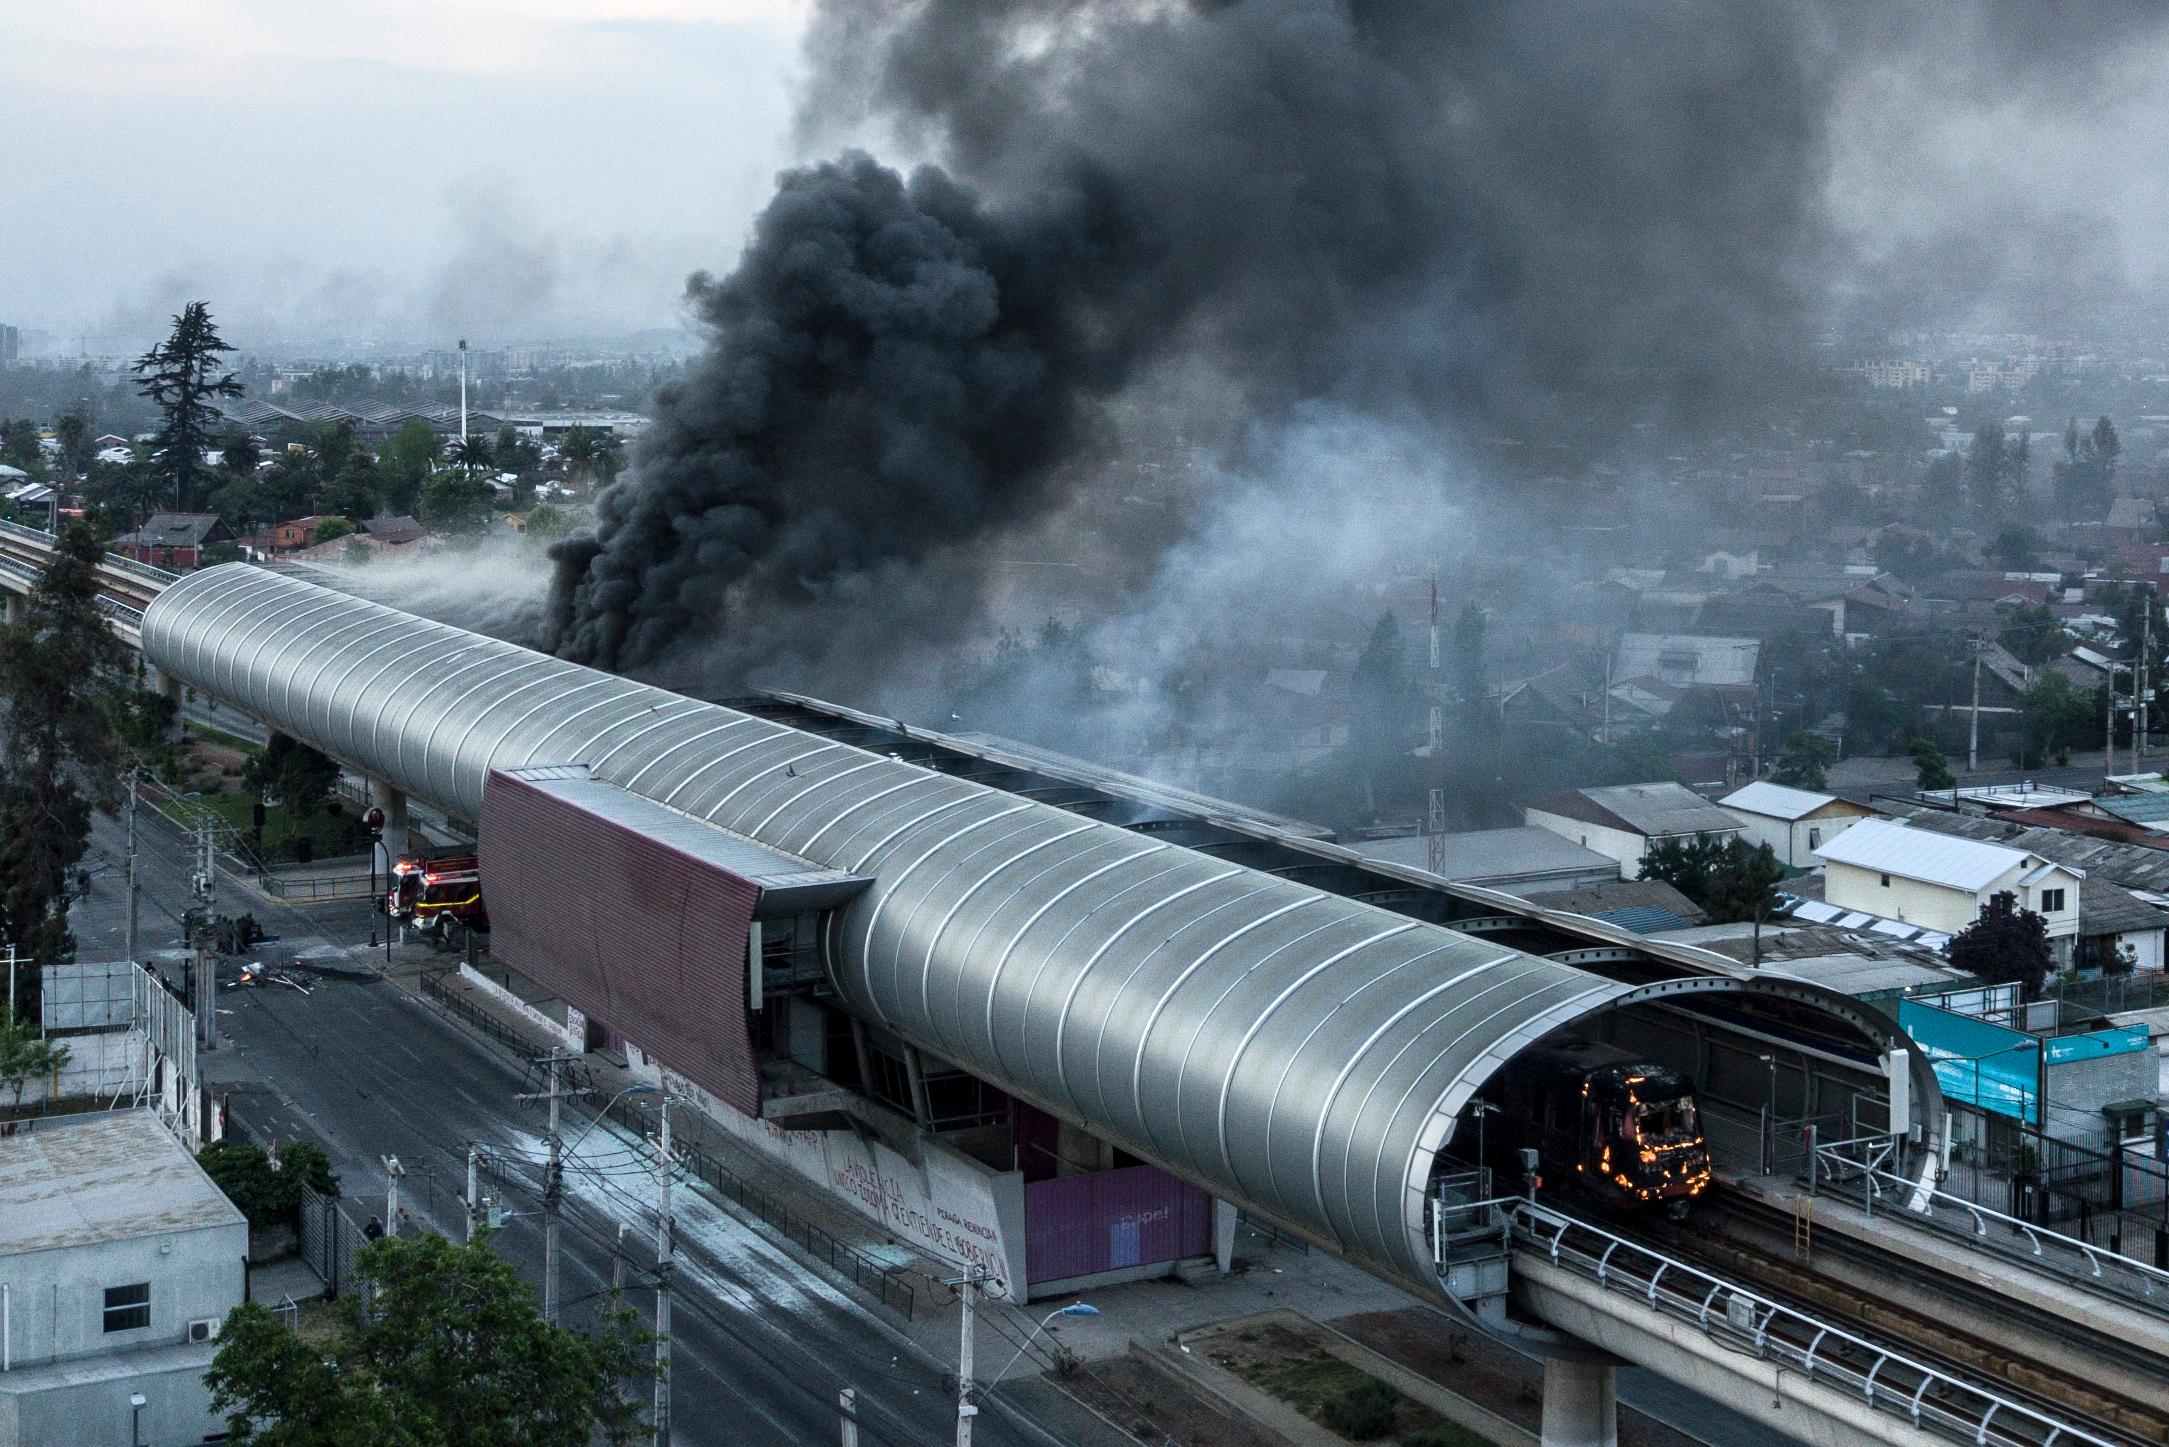 Vista aérea del humo de los incendios en la red de transporte